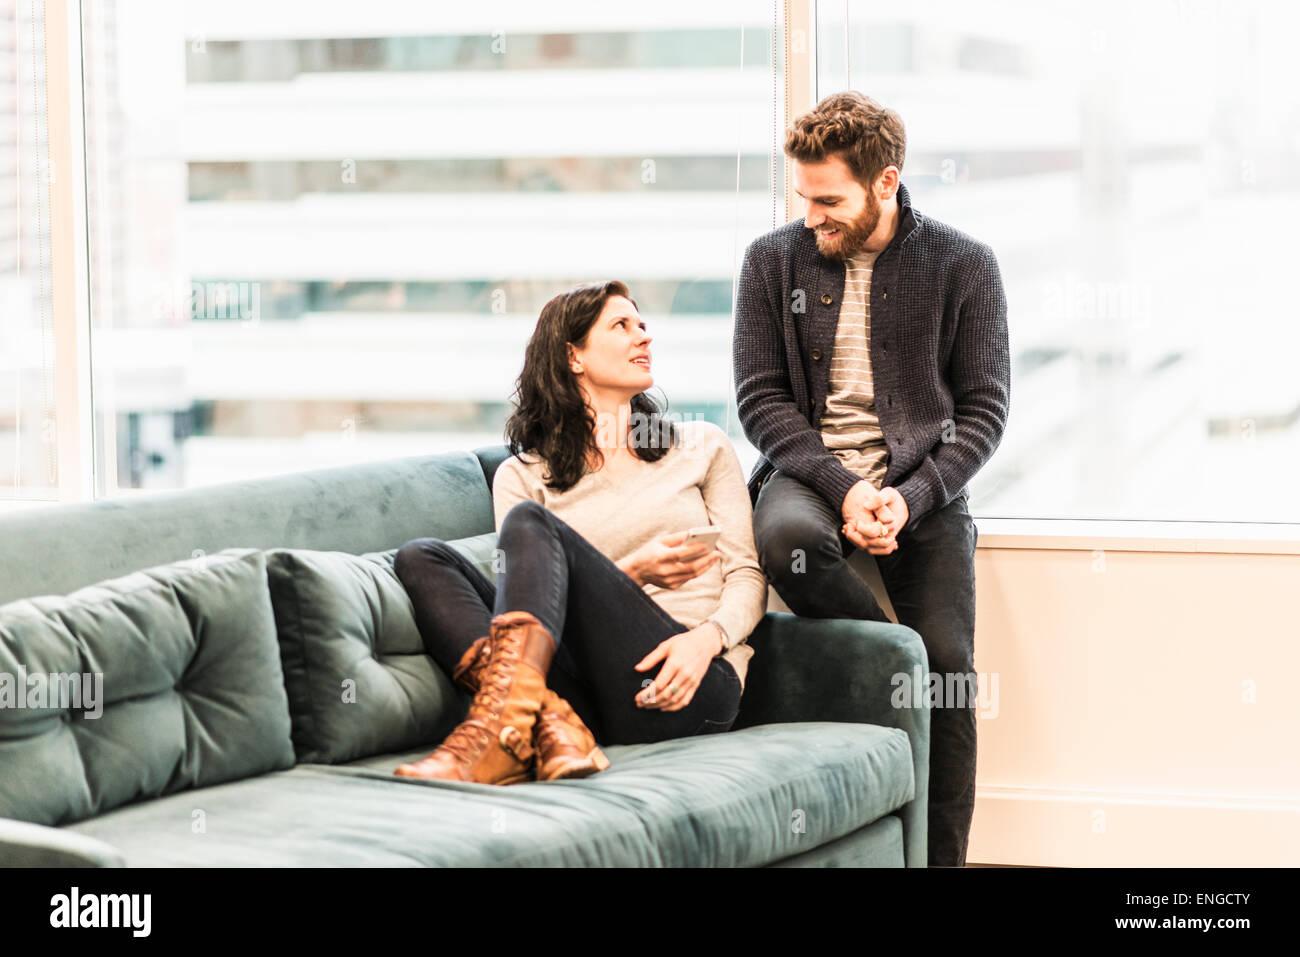 Due persone, una donna seduta su un divano con i suoi piedi fino rilassante, e un uomo seduto a parlare con lei. Immagini Stock